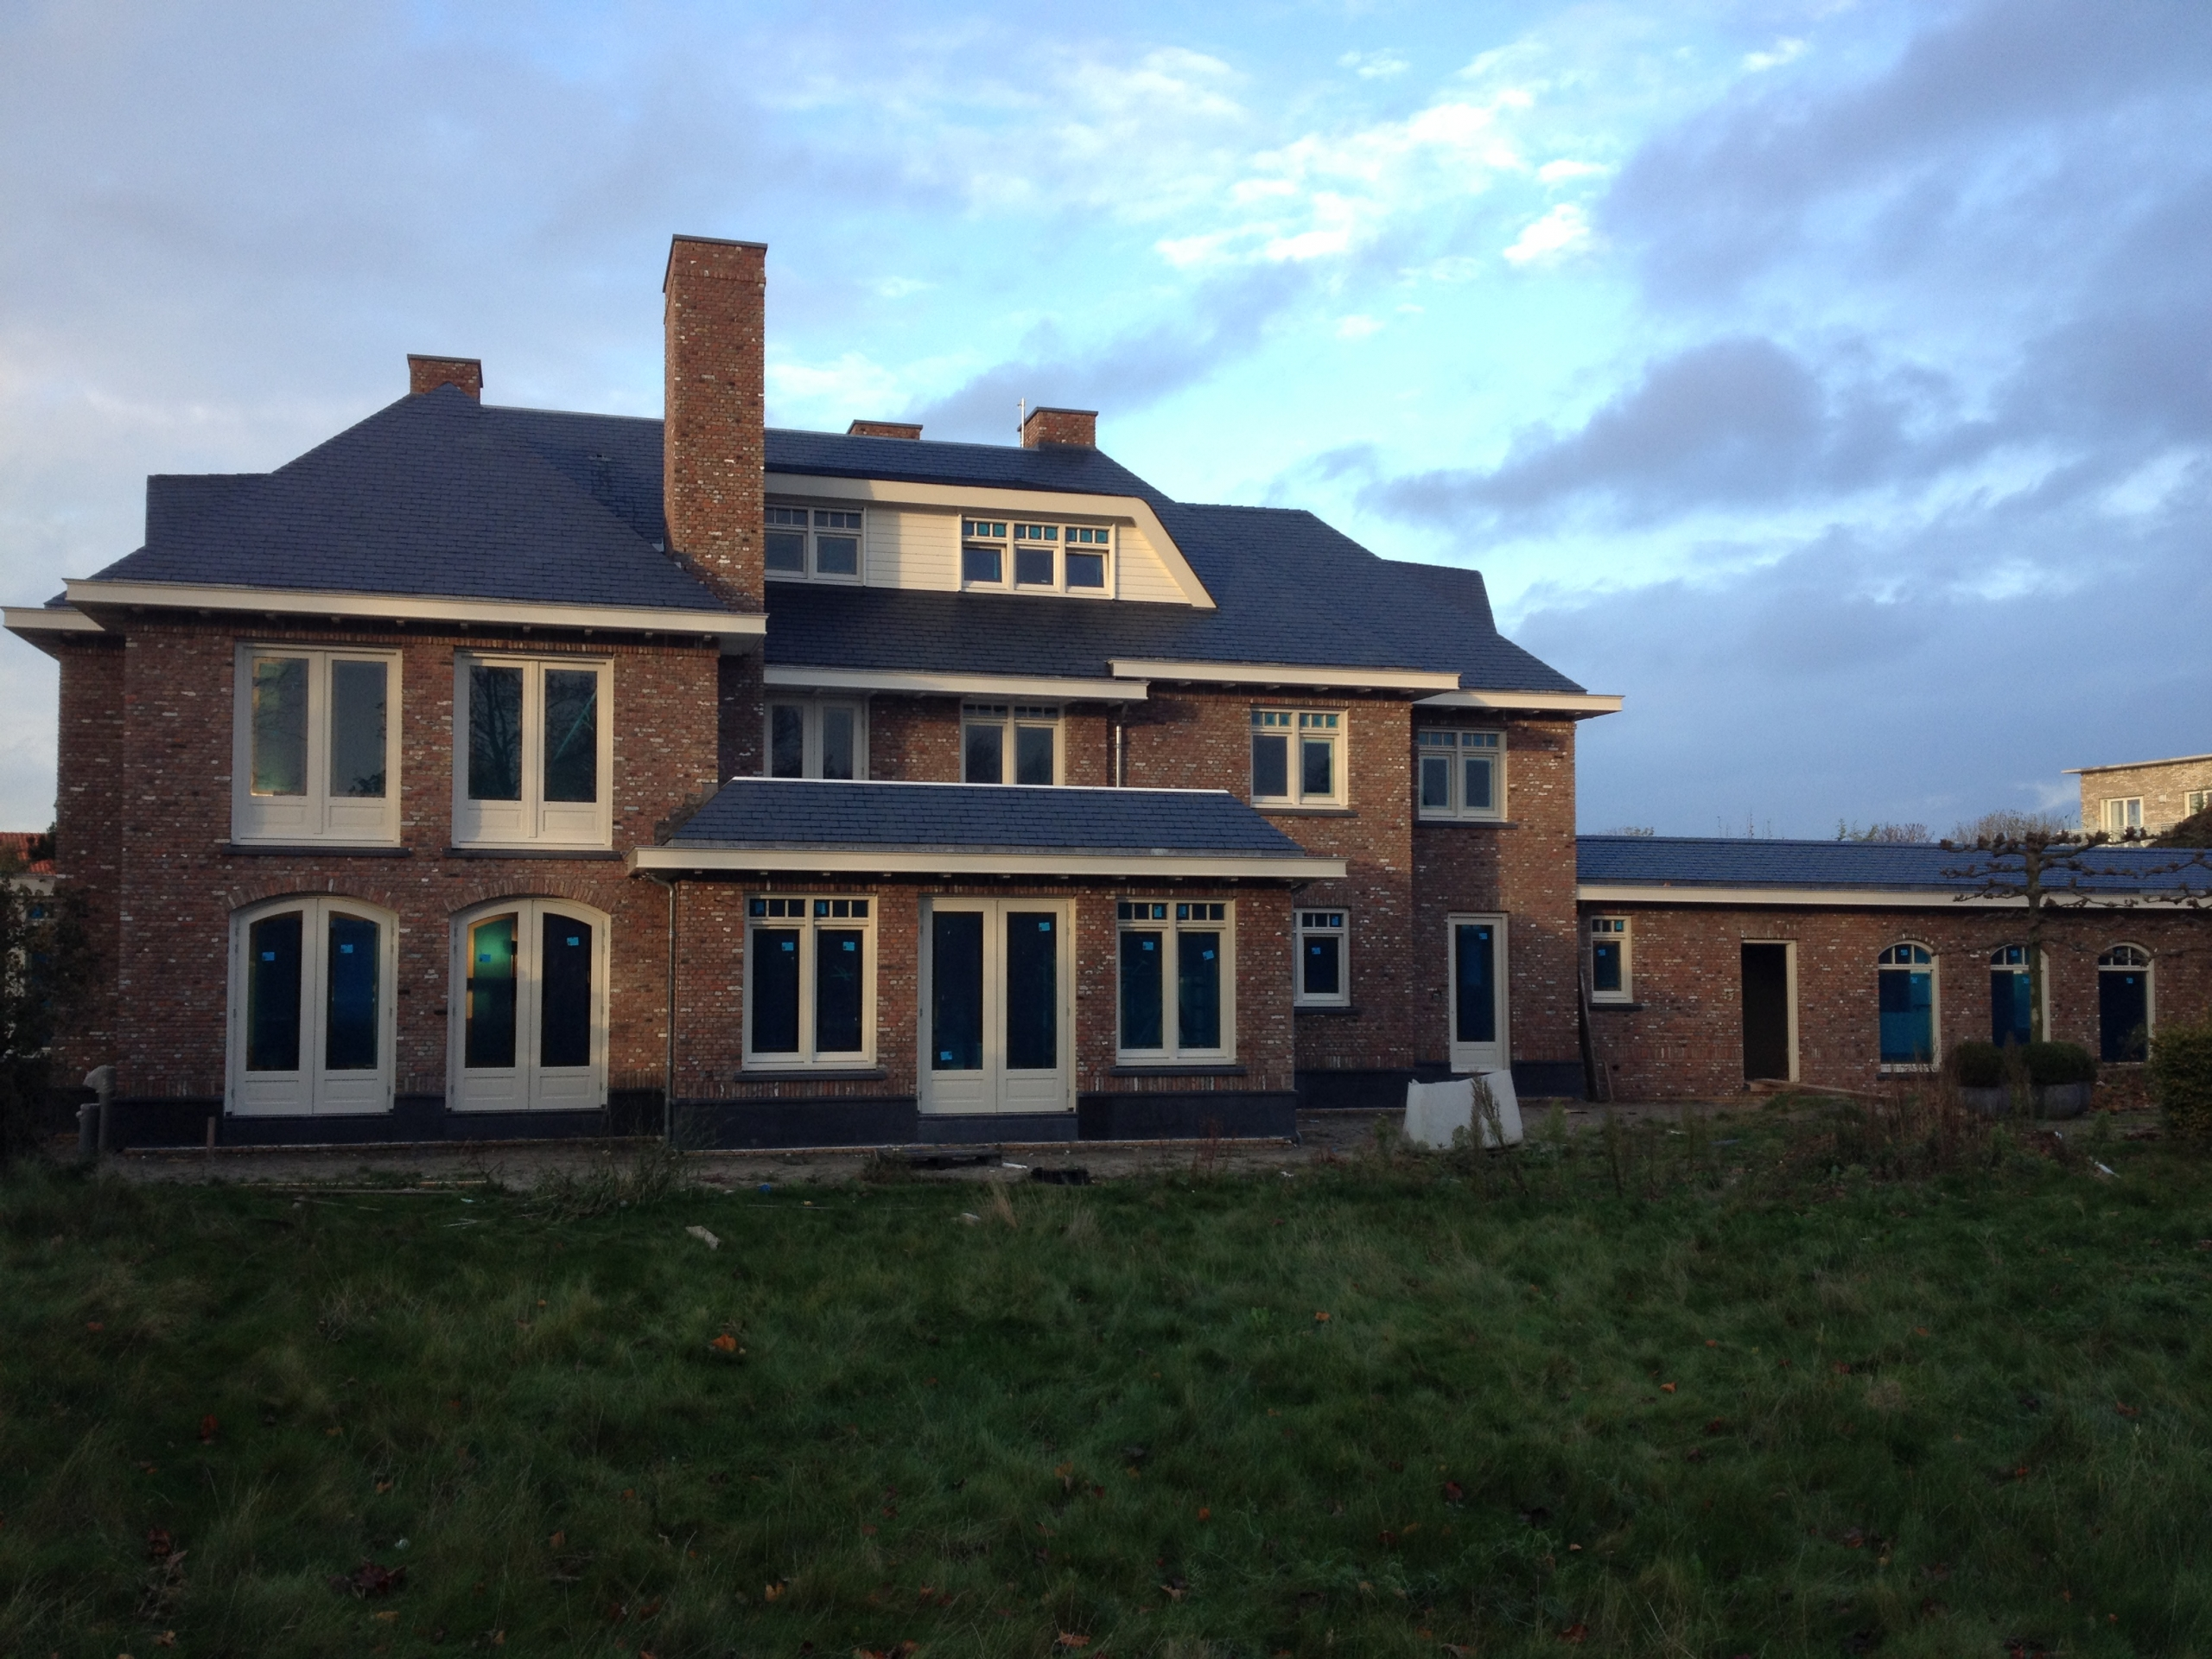 westland dakdekker dakbedekking